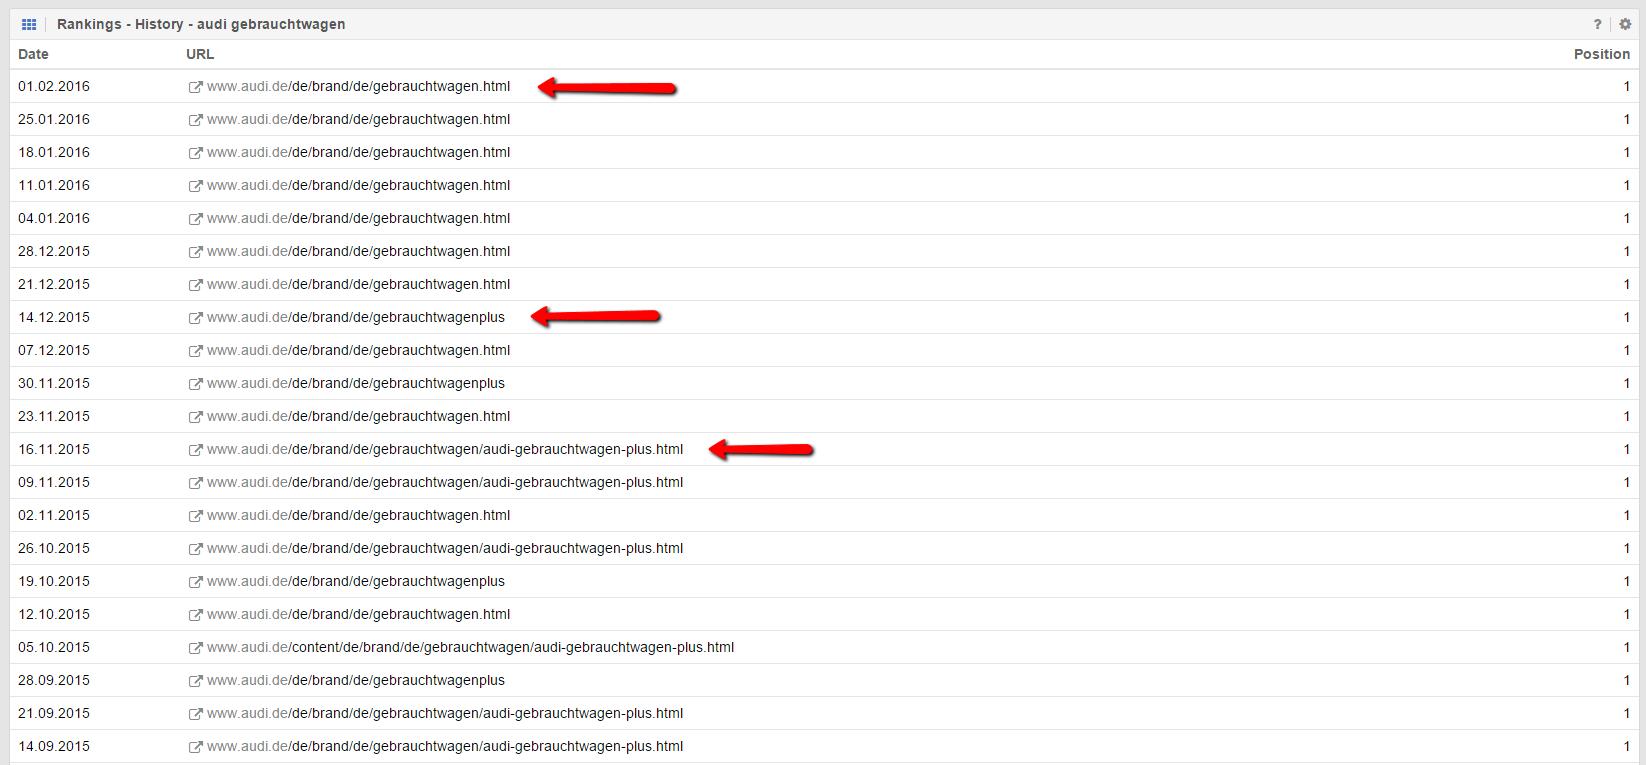 Unterschiedliche URLs im Ranking bei audi.de